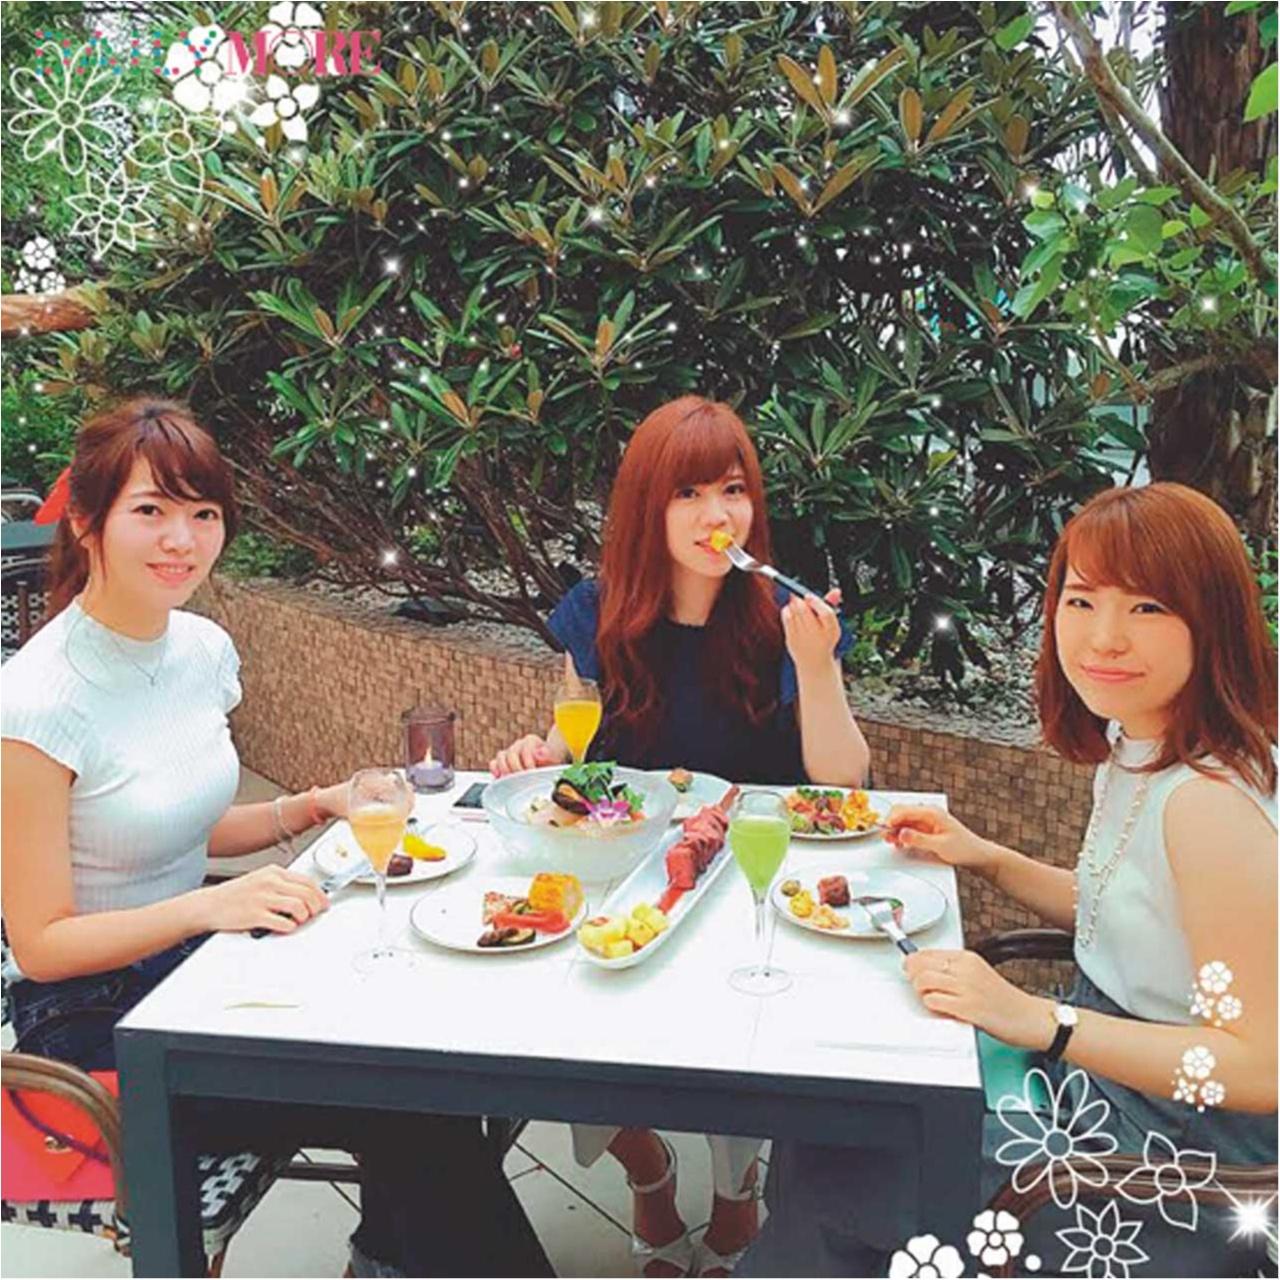 緑豊かなビアガーデンでエスニック料理を楽しむなら『ヤドヴィガ』!【モアハピ部の三ツ星女子会スポット♡】_3